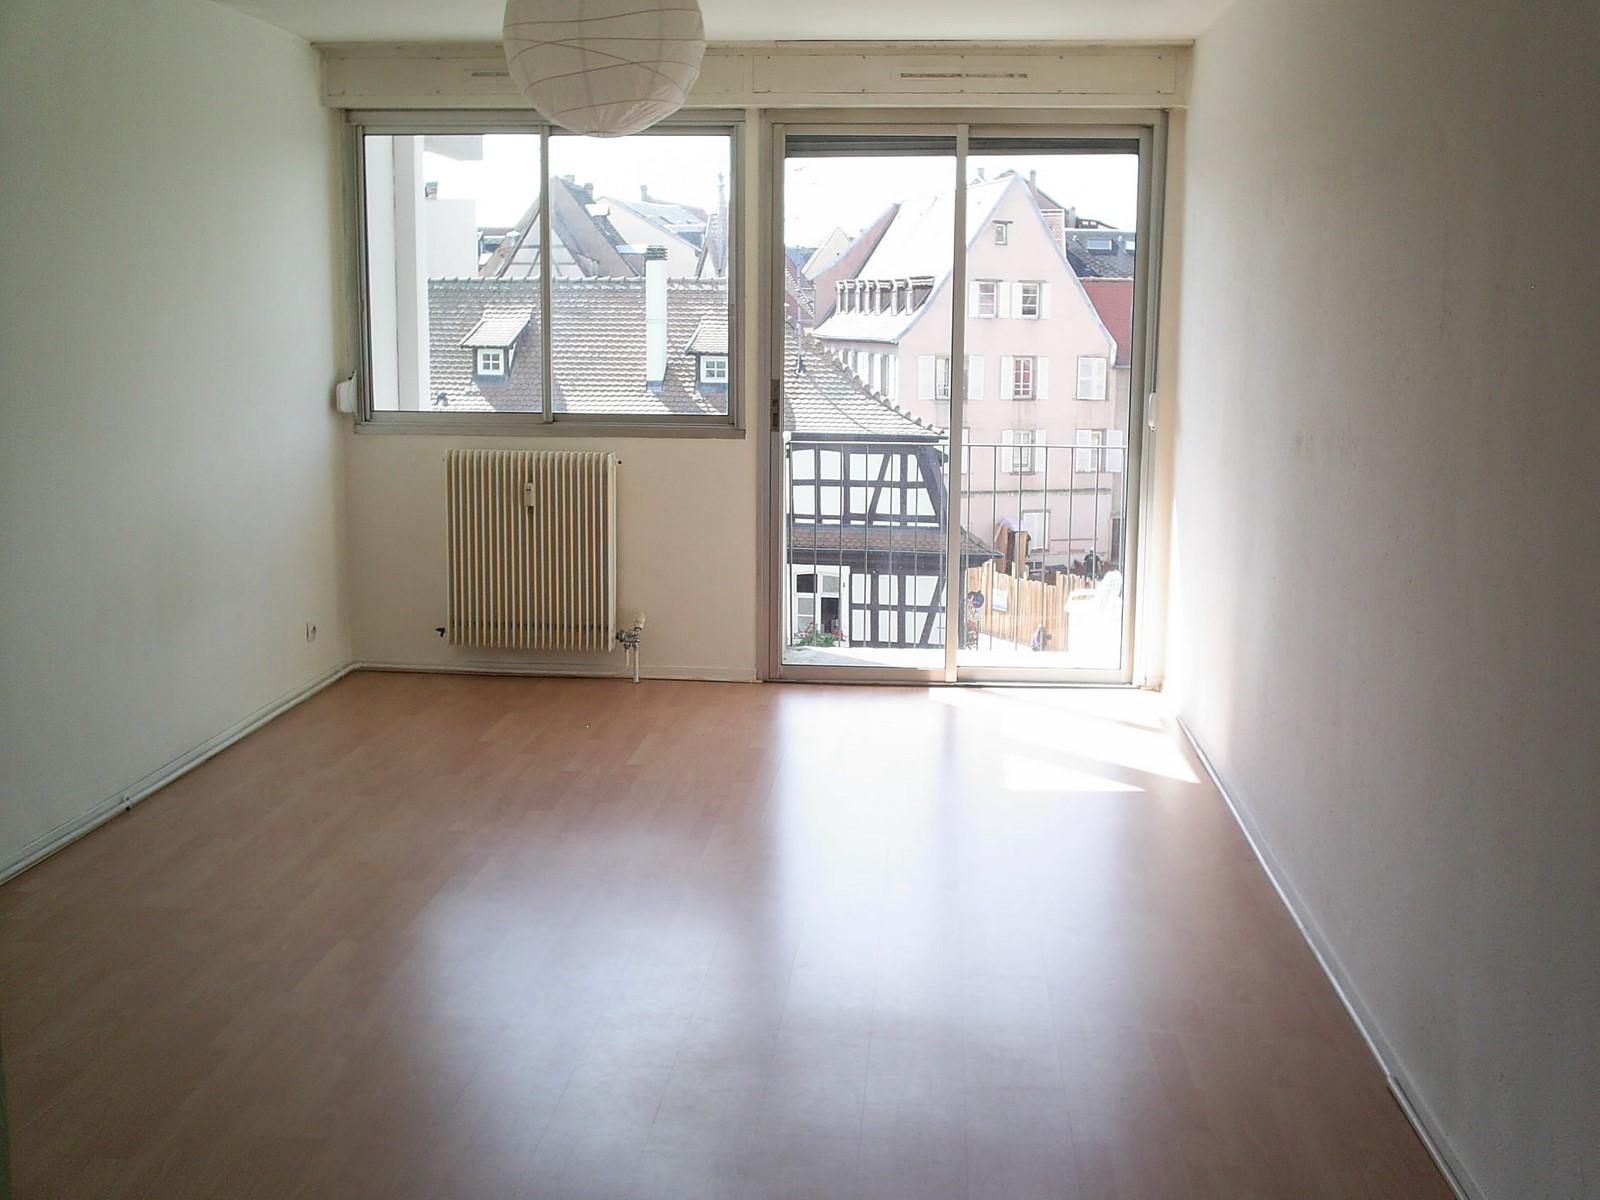 [Le Petite Suisse] Lumineux studio avec balcon – Krutenau / Place de Zurich - nos locations - Beausite Immobilier 1